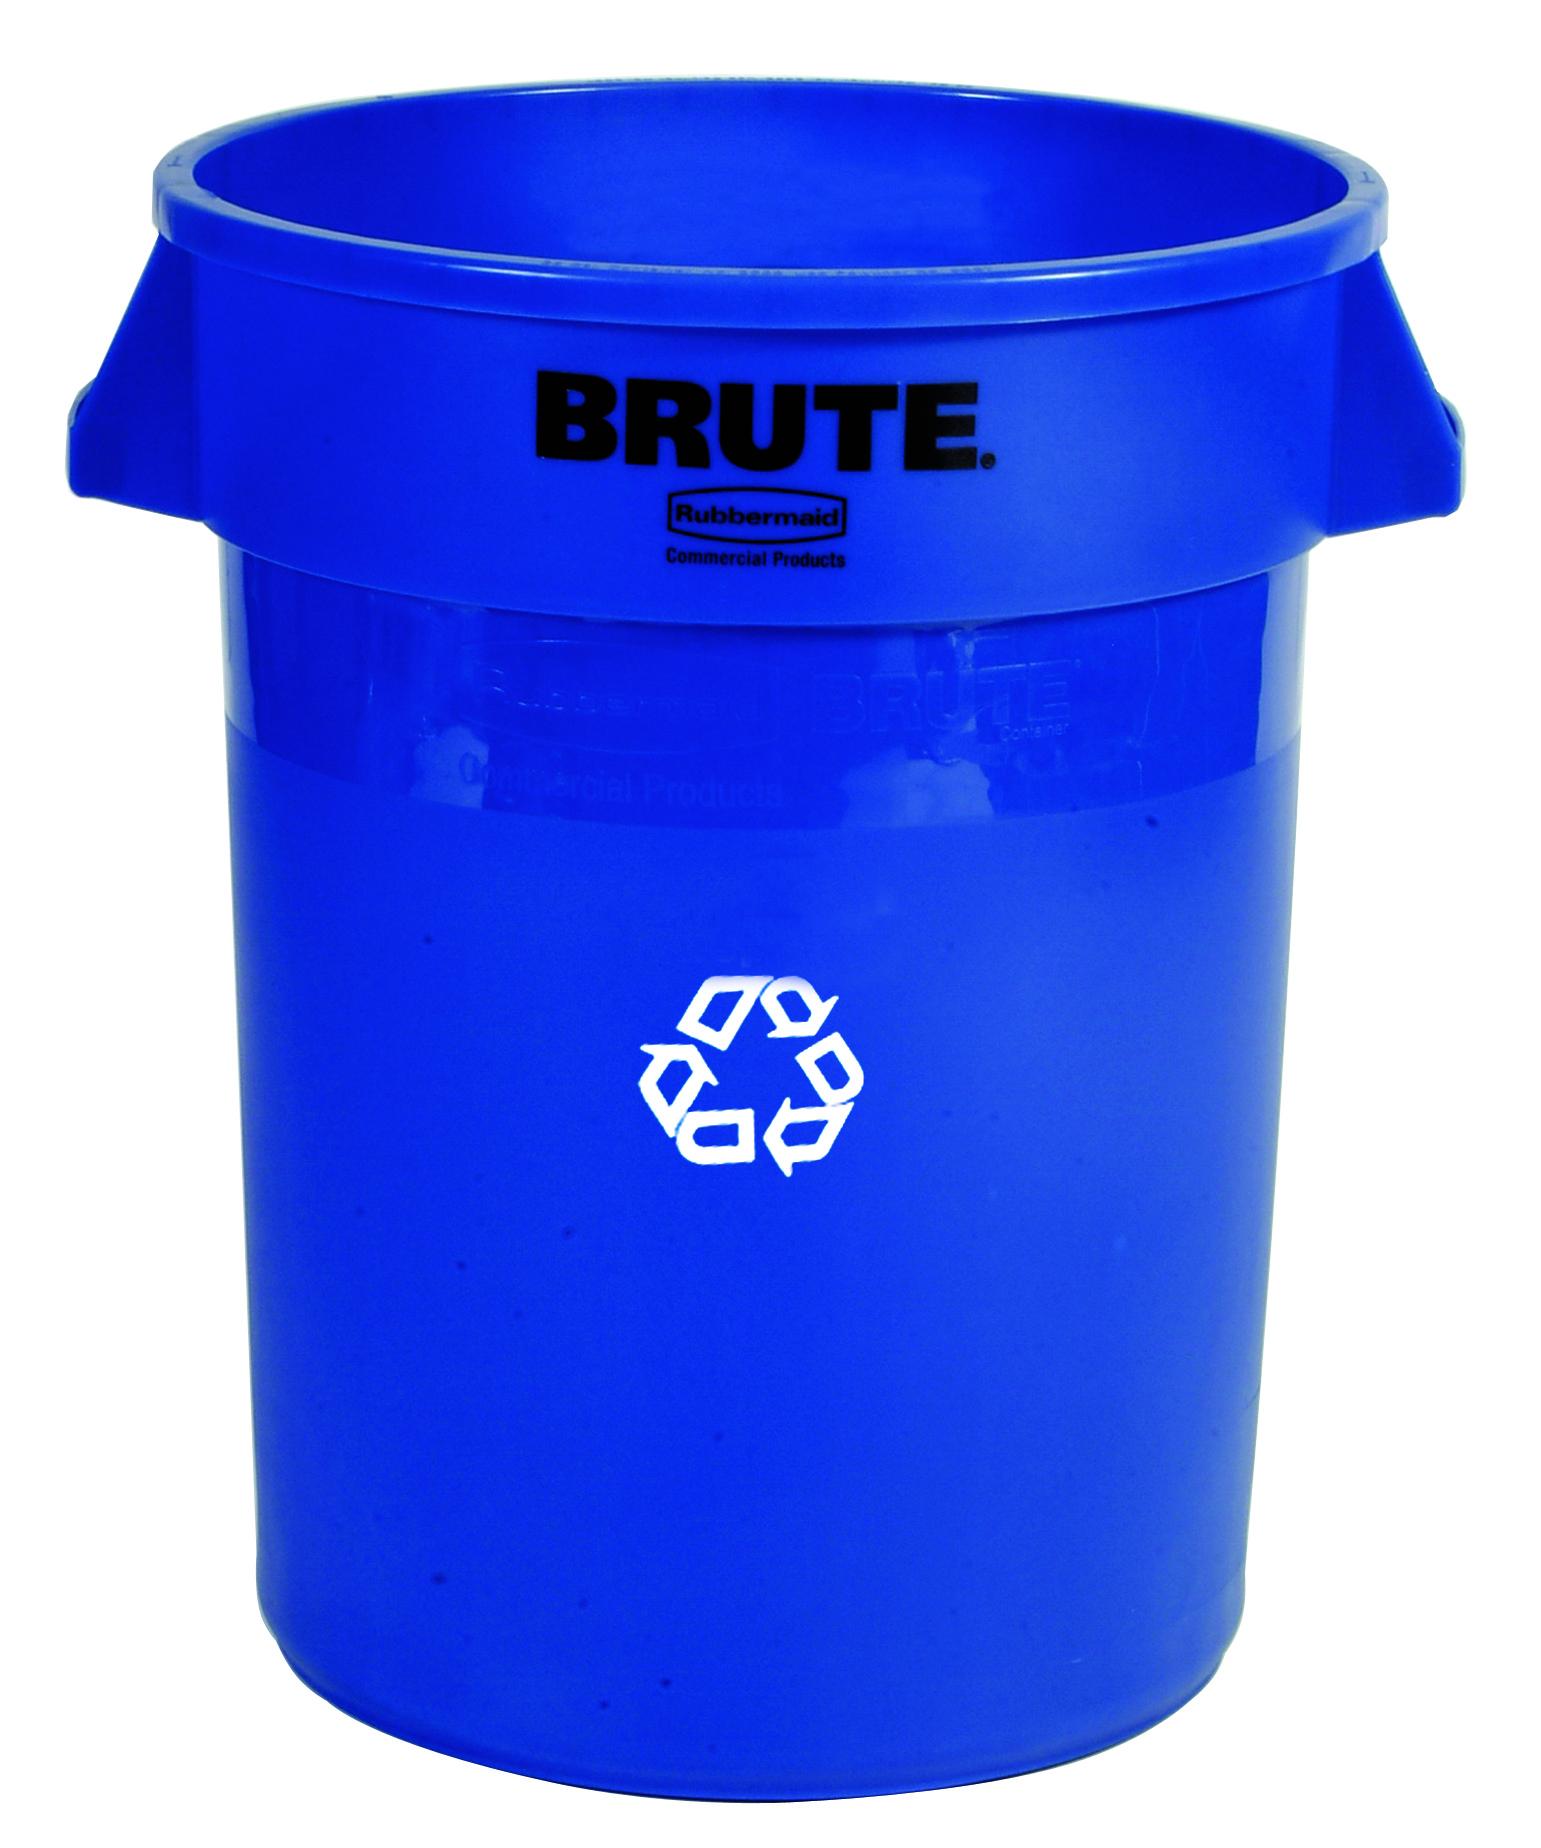 30 Gal Recycling Bin  $4.00